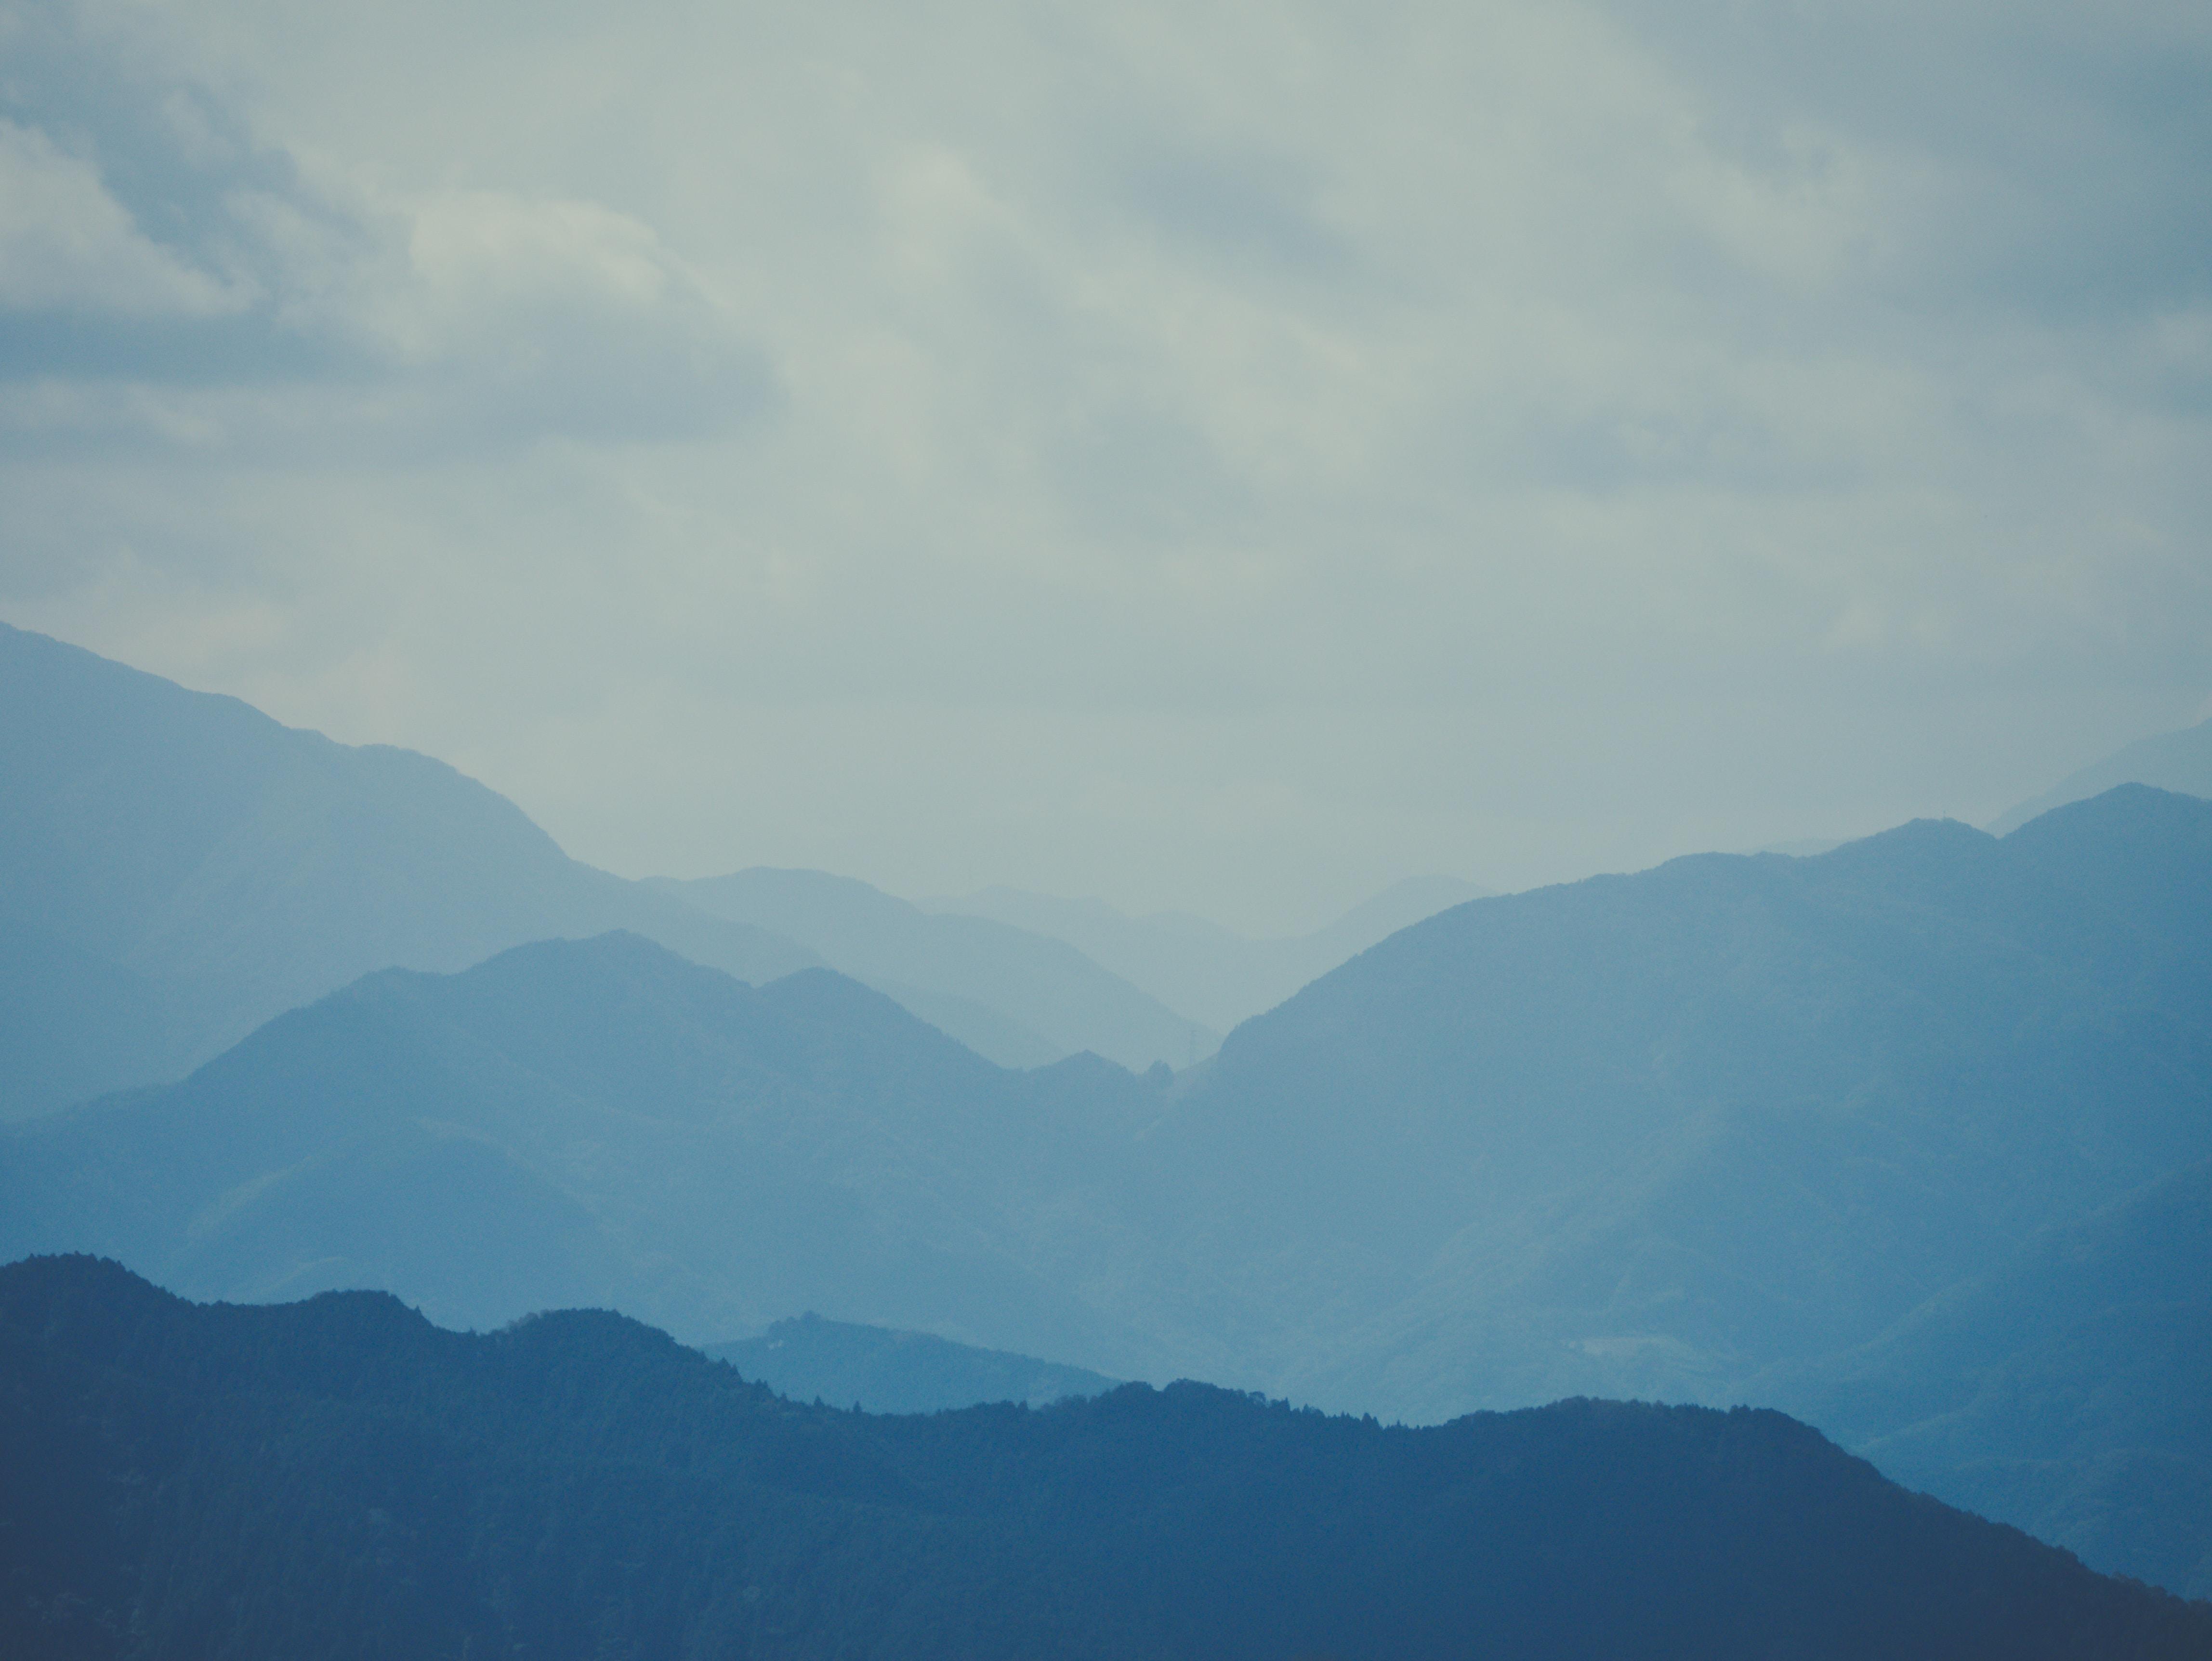 3-tone mountain ranges